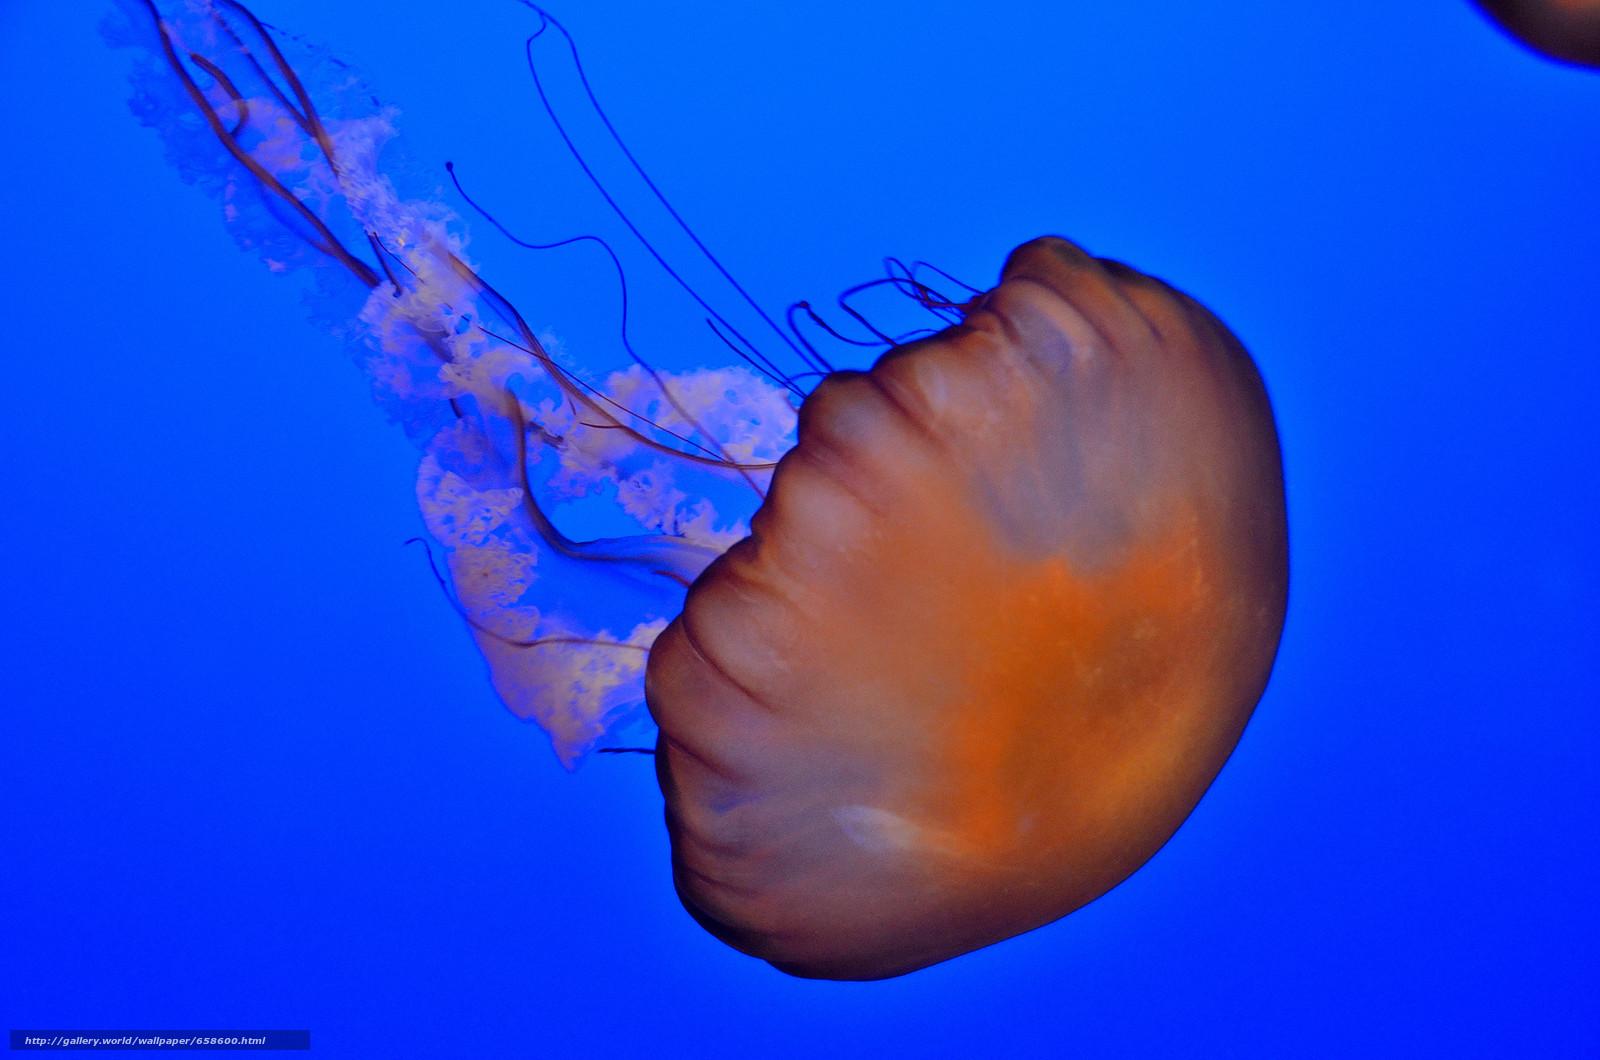 Скачать обои медуза,  медузы,  подводный мир,  вода бесплатно для рабочего стола в разрешении 4928x3264 — картинка №658600